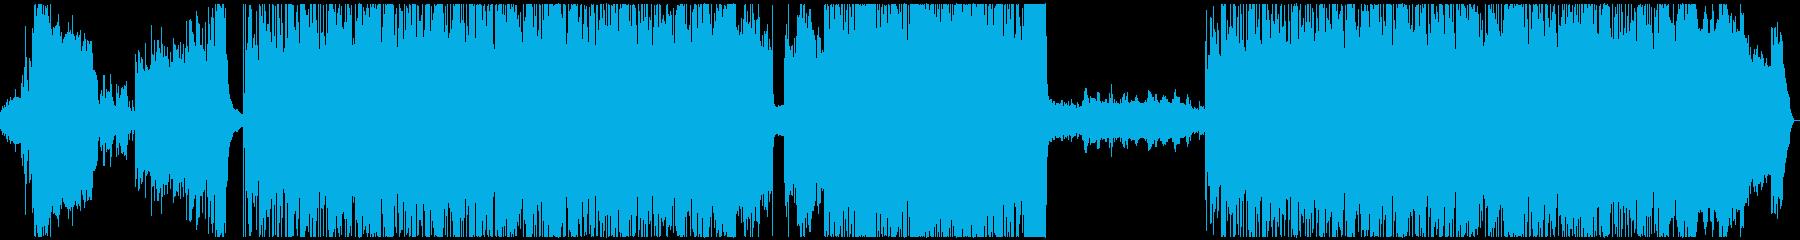 レトロ90年代風ゲーム音楽_冒険・RPGの再生済みの波形